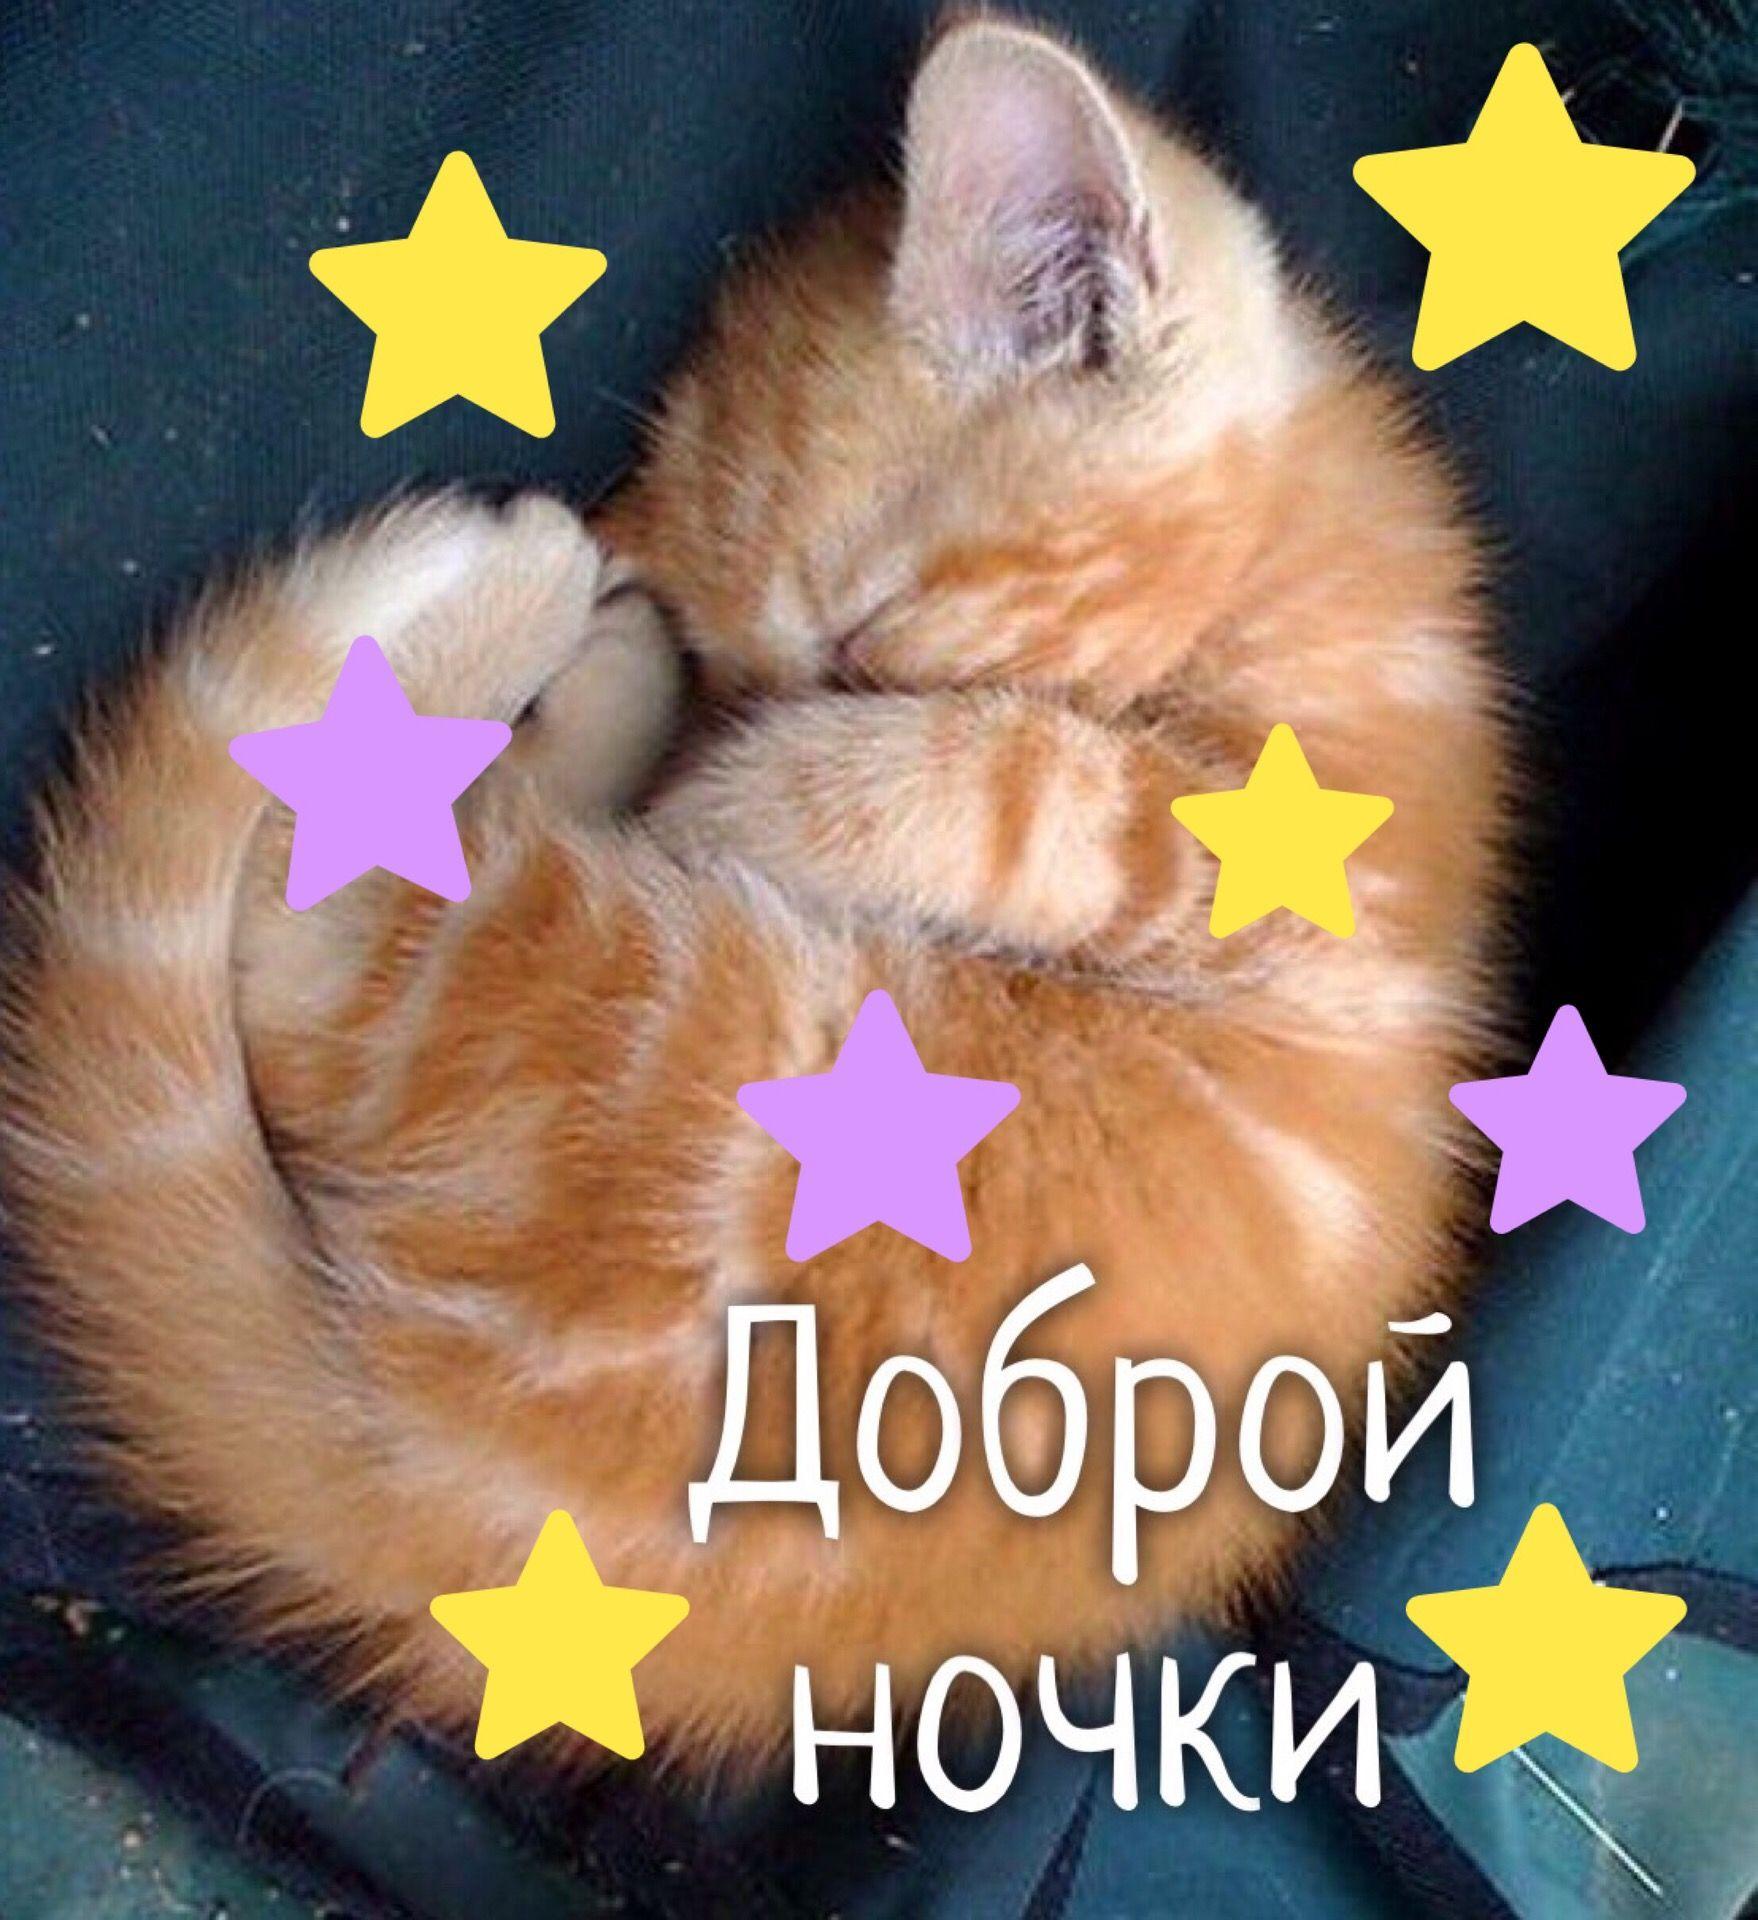 Спокойной ночи картинки для девушки прикольные